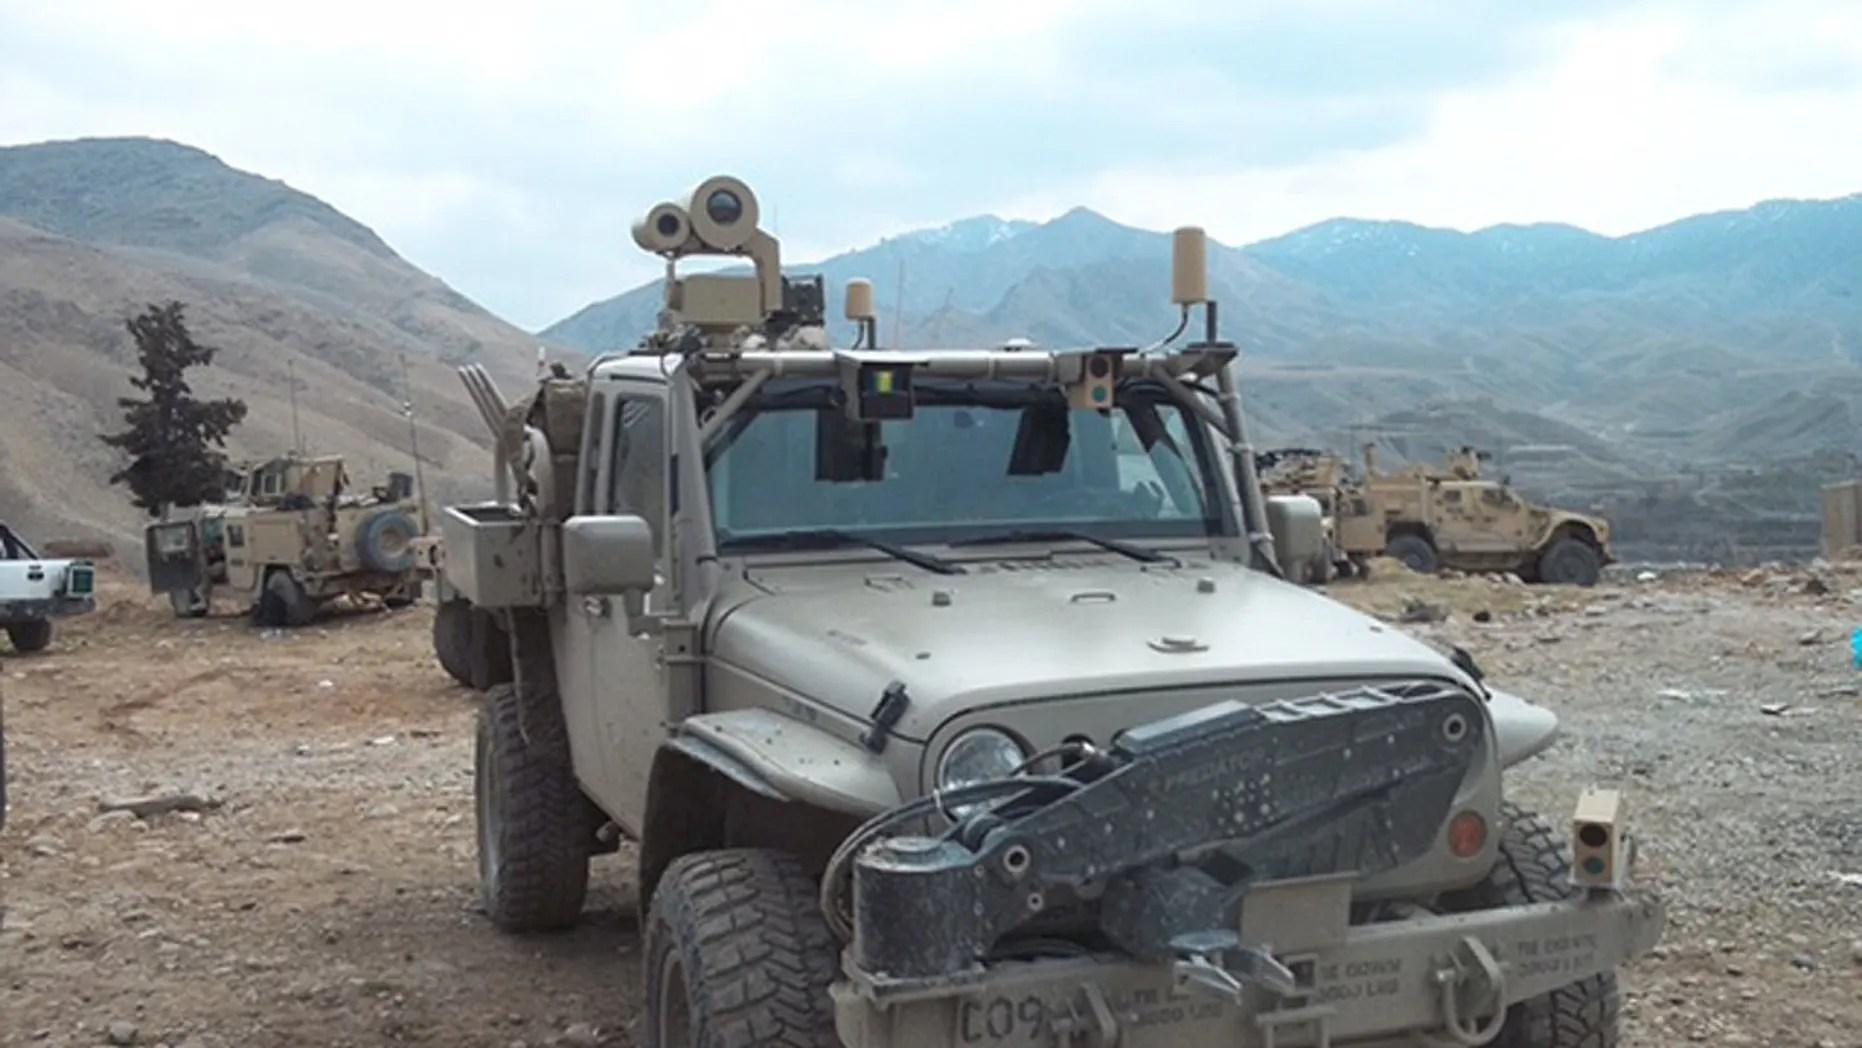 hight resolution of commando jeep photo hendrick dynamics